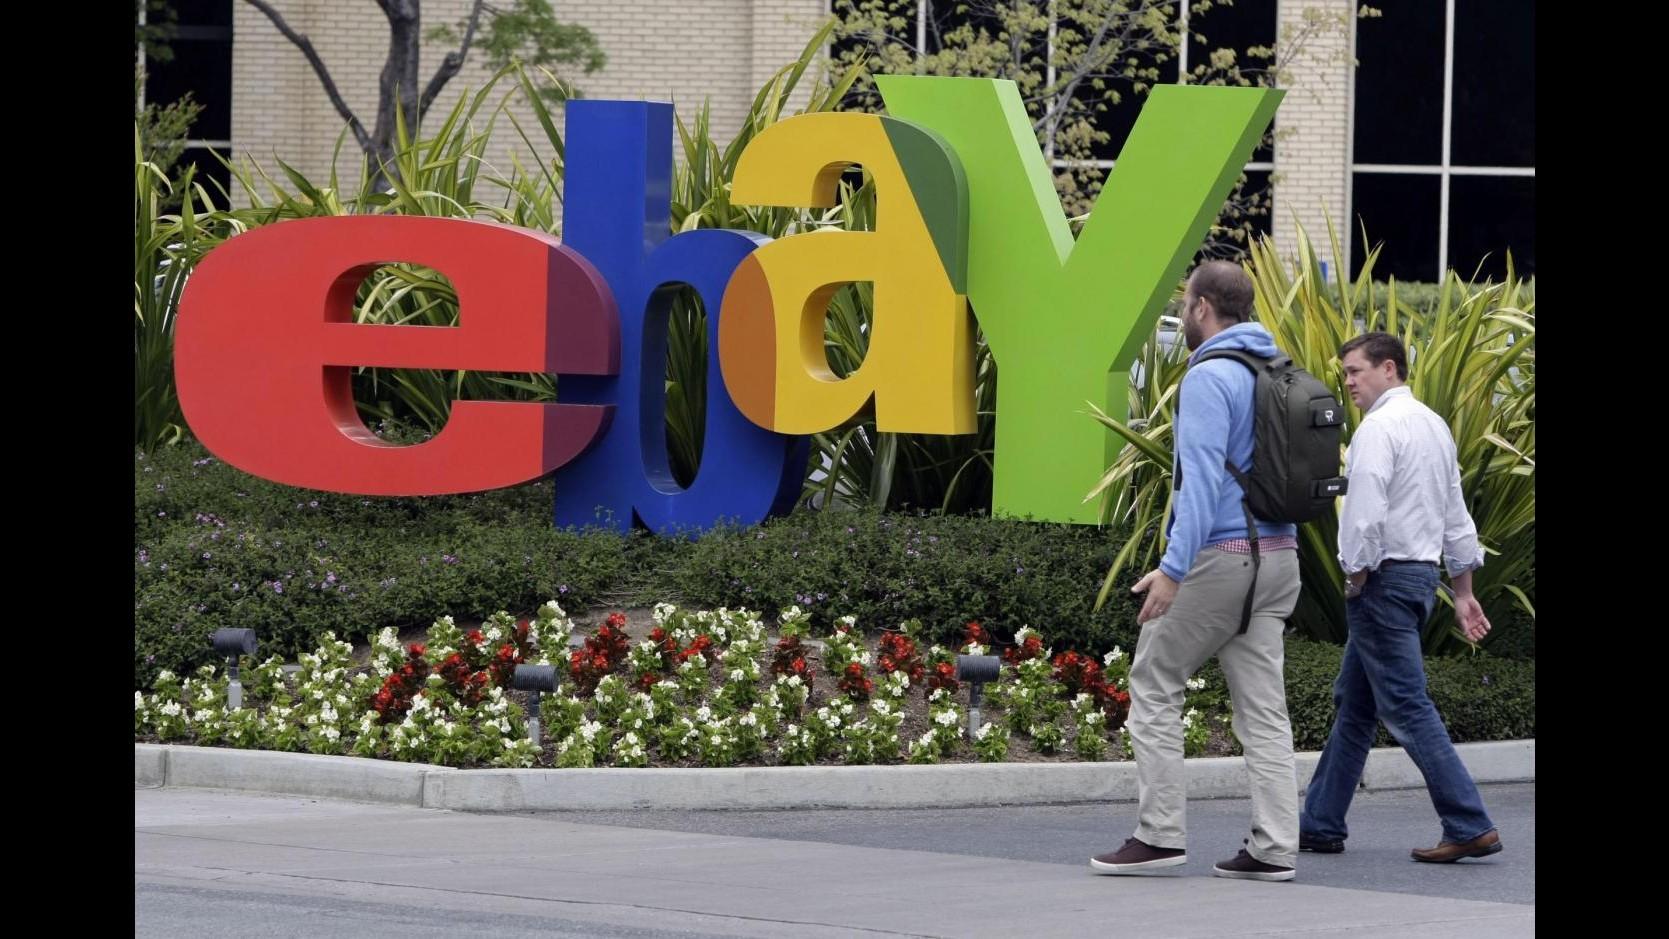 Sorbitolo, eBay: bloccate vendite on line in tutto il mondo